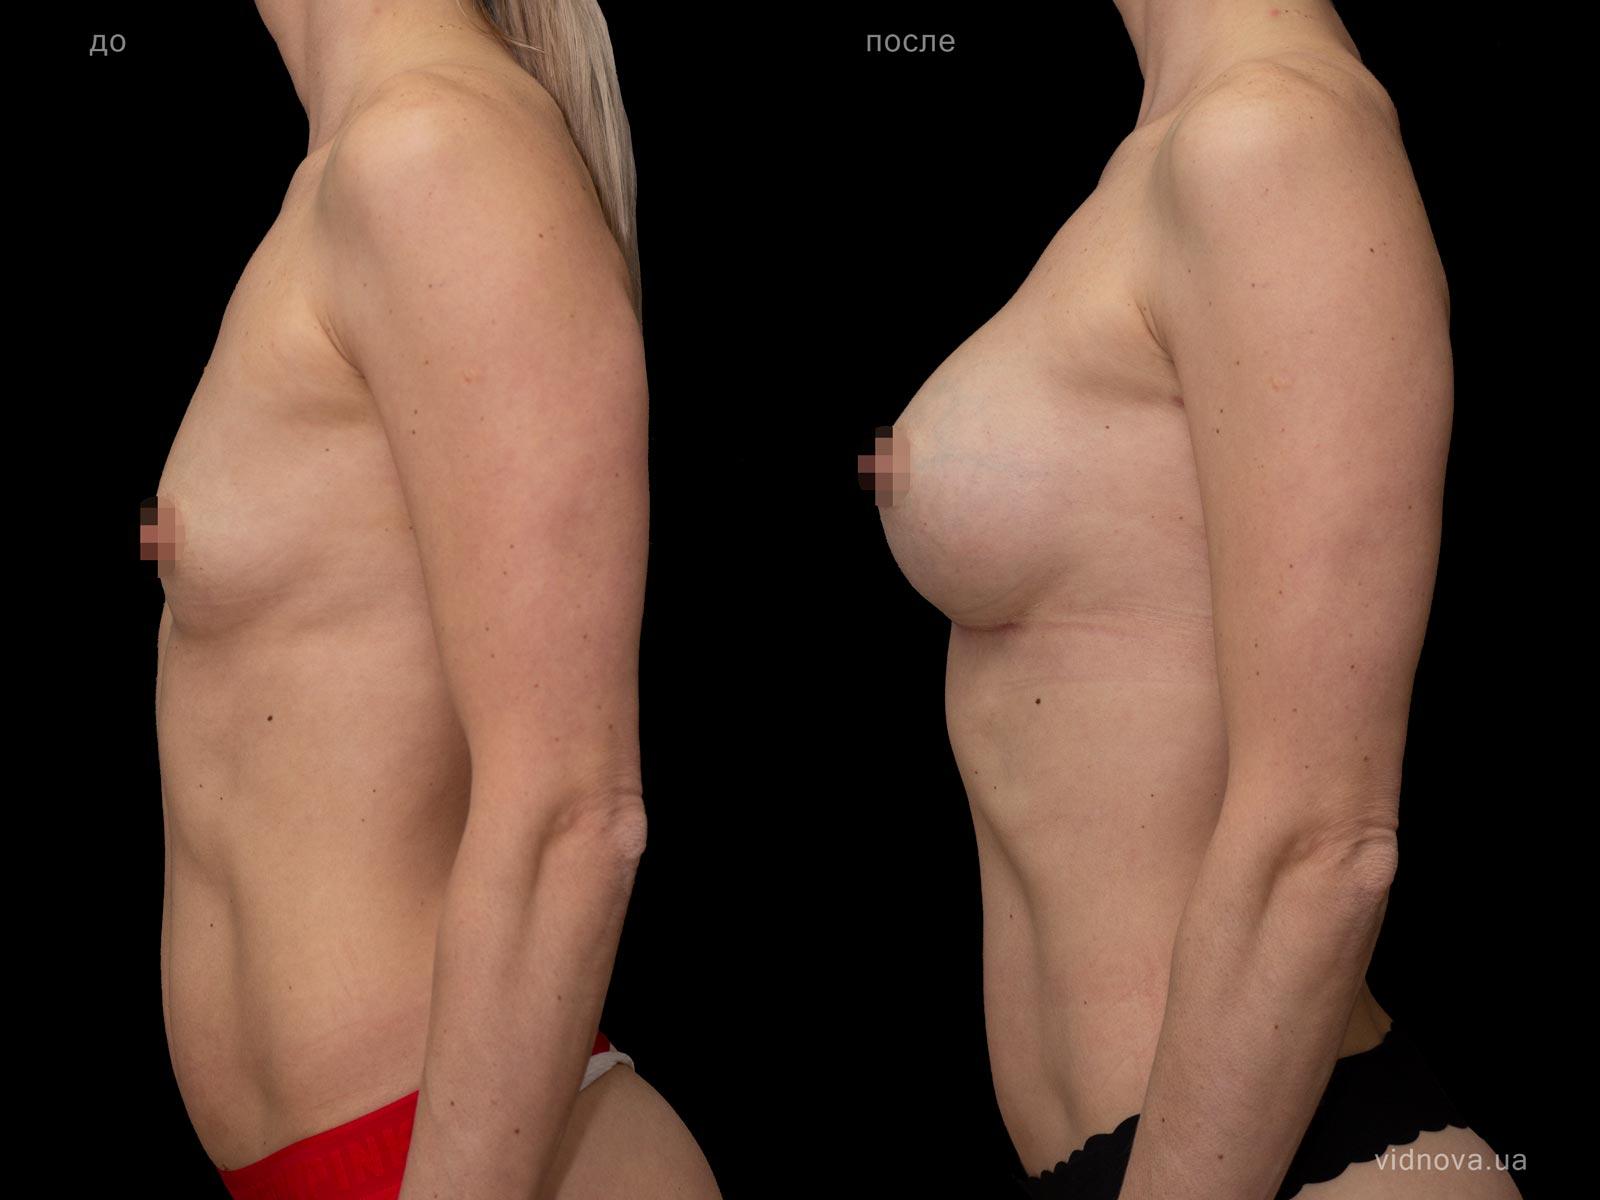 Пластика груди: результаты до и после - Пример №81-2 - Светлана Работенко